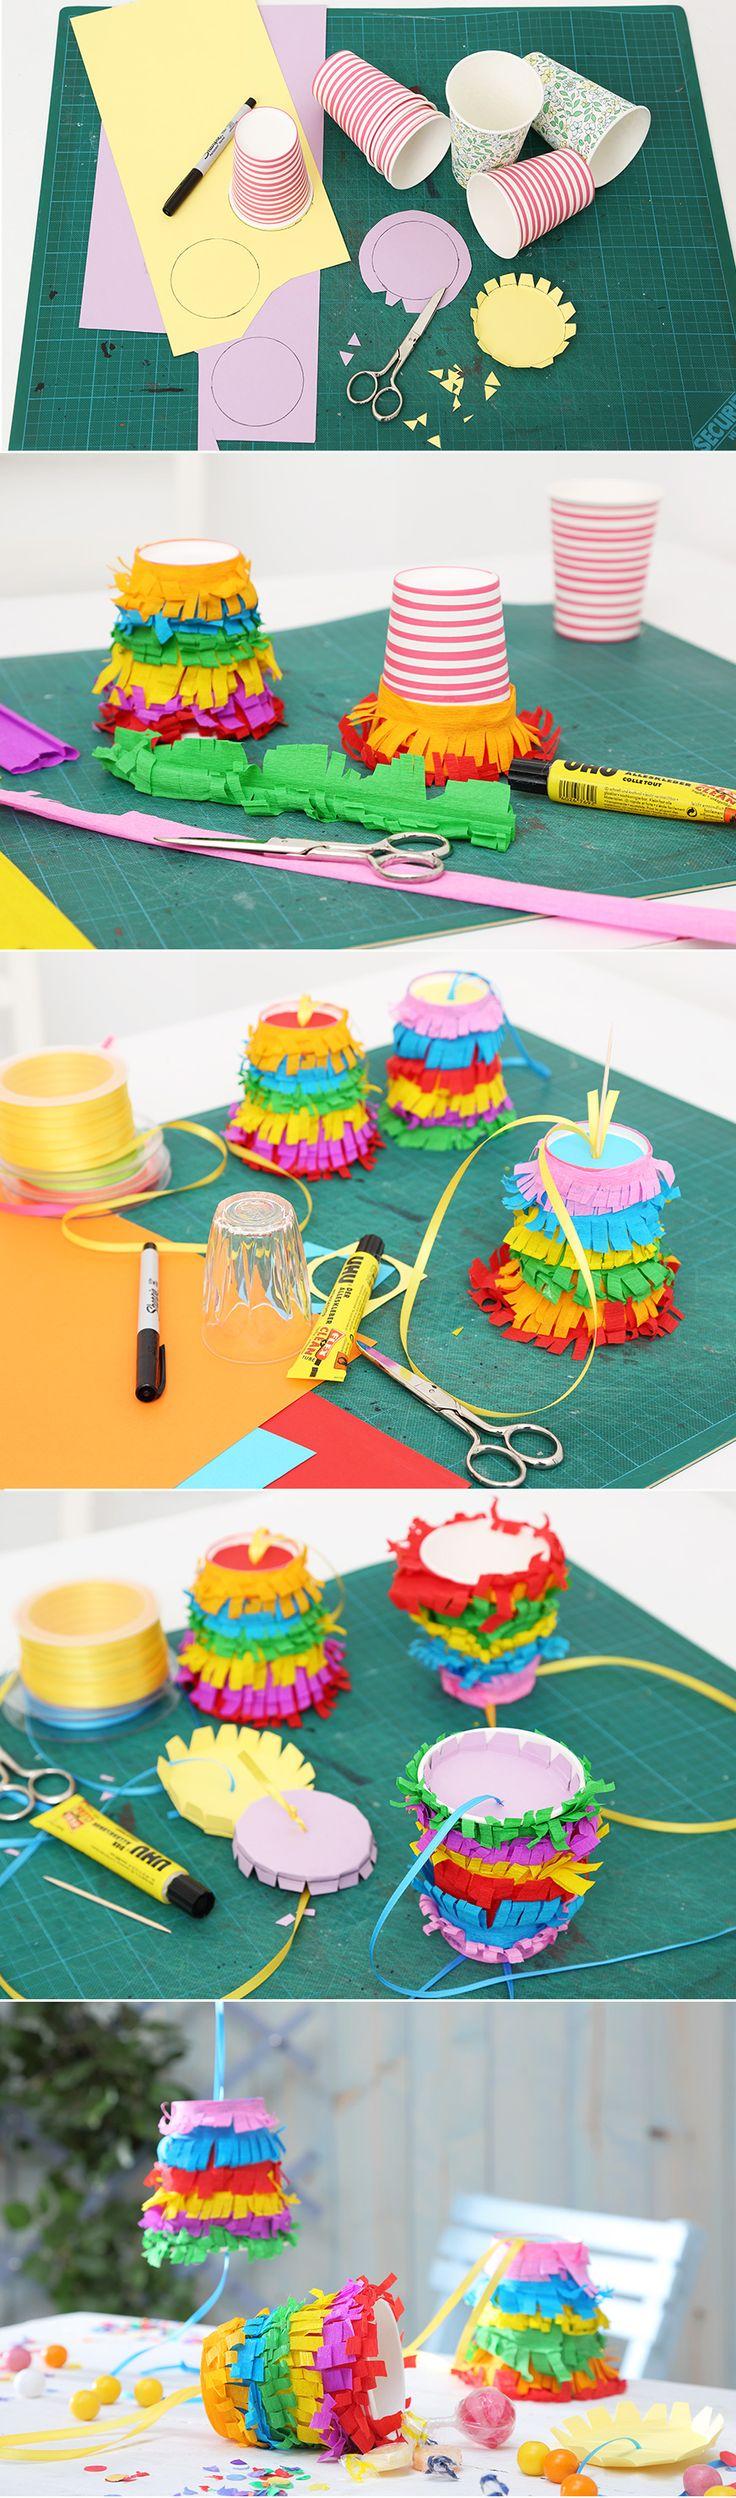 Step by Step zur Mini-Piñata. • Umsetzung und Foto: Thordis Rüggeberg